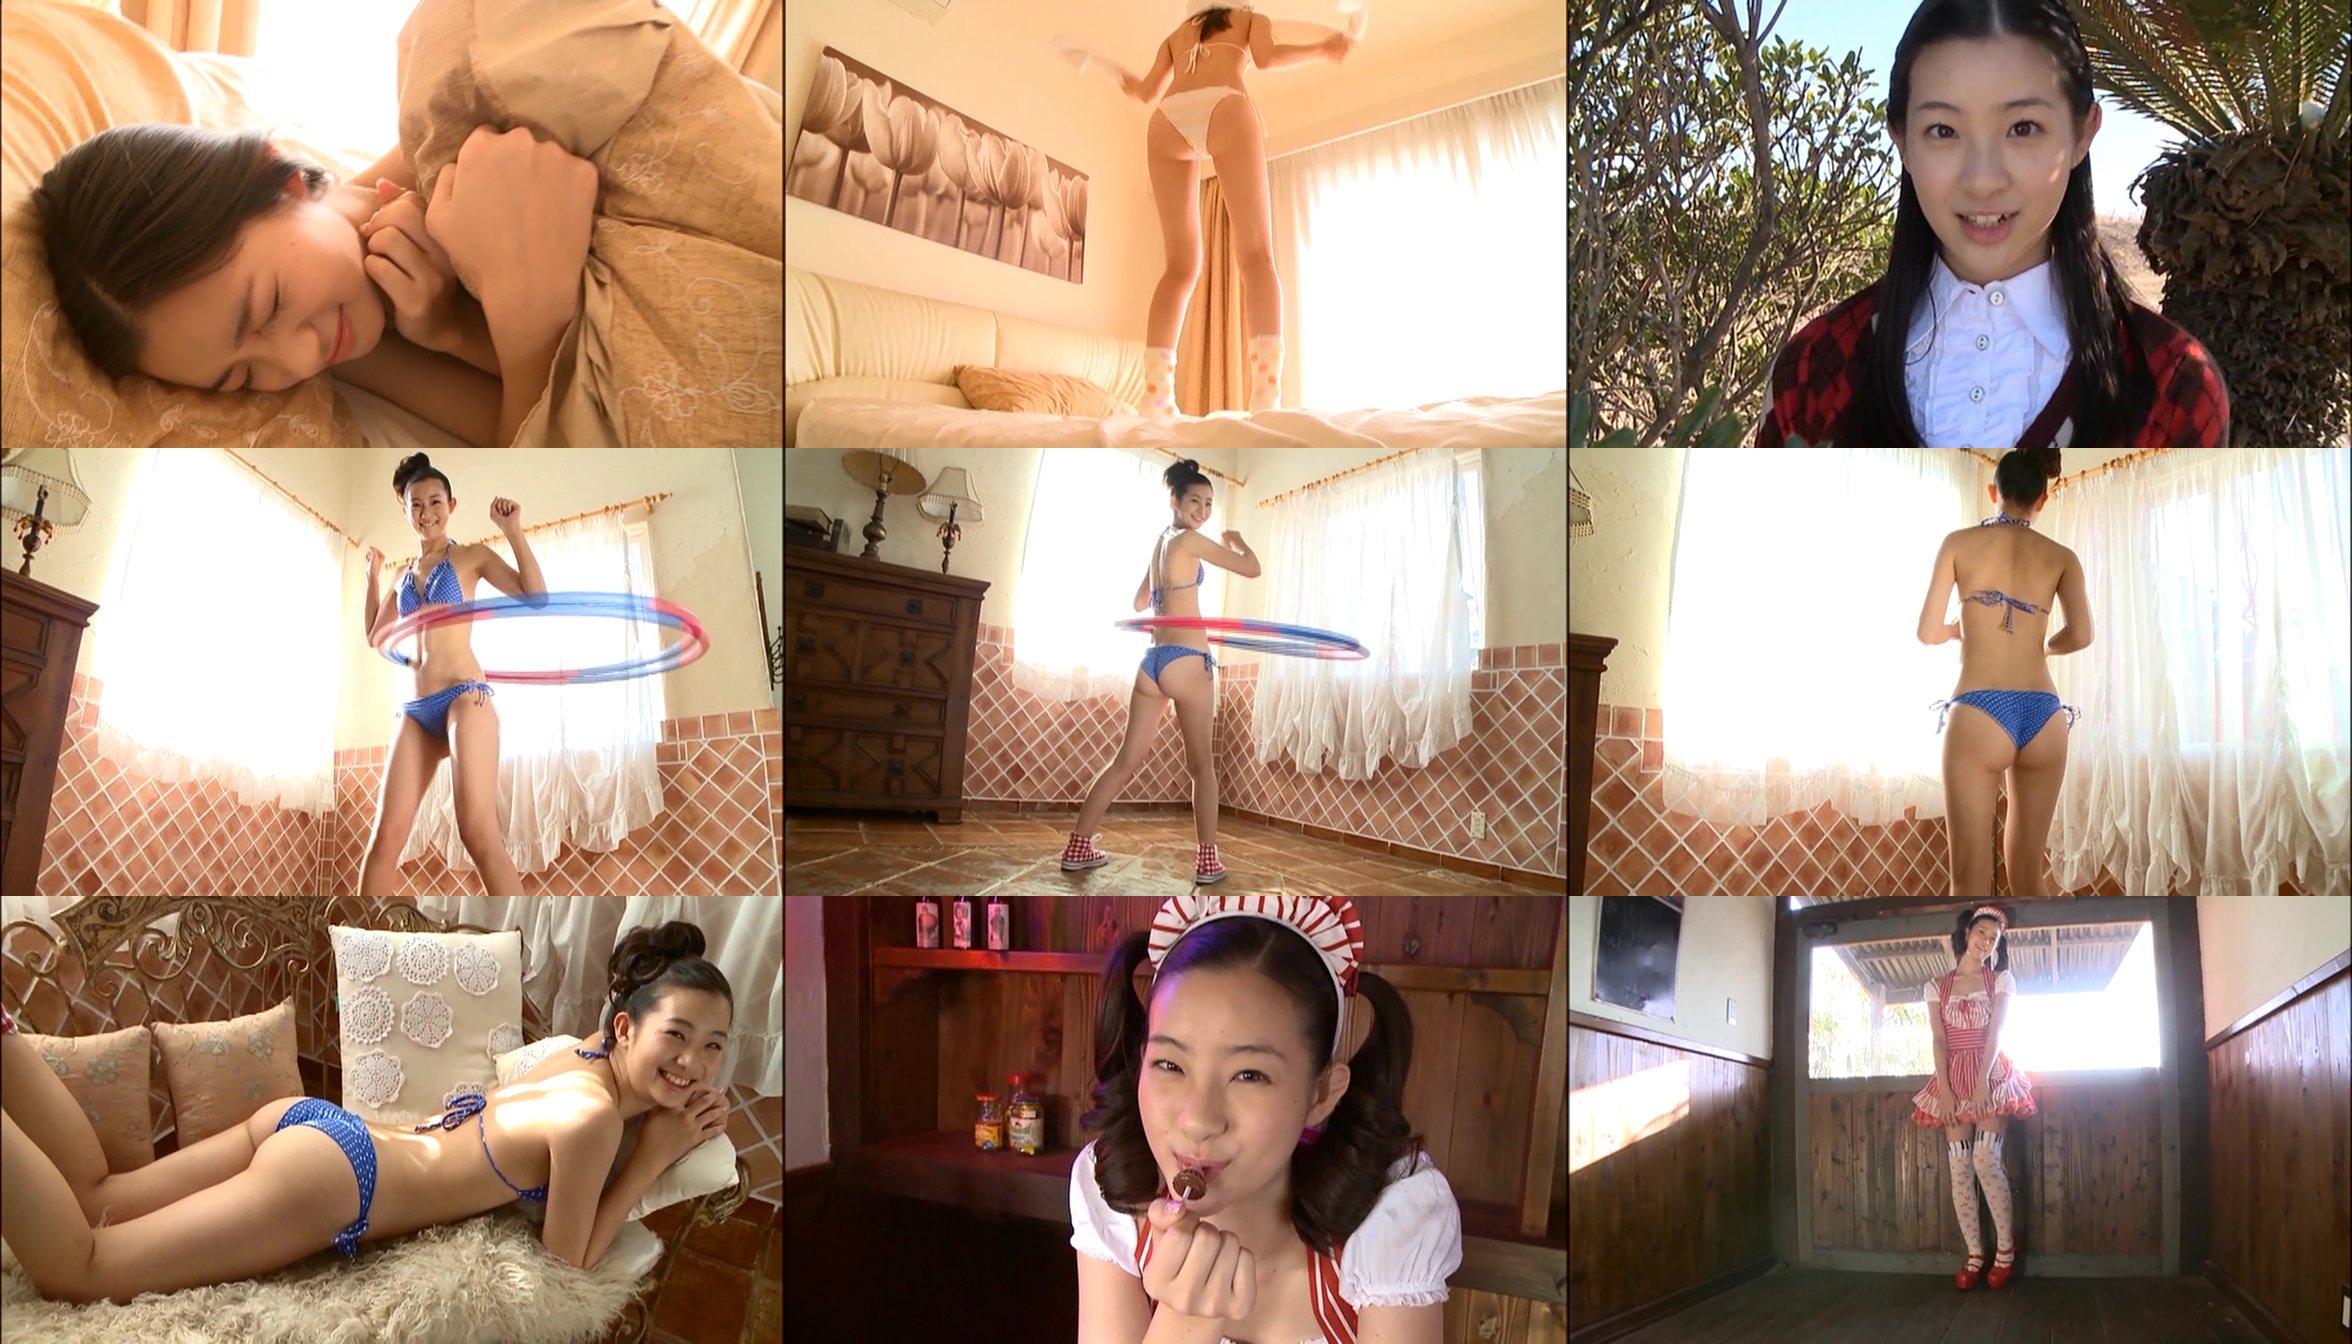 【若い尻】尻画像 part2 【熟女厳禁】 [無断転載禁止]©bbspink.comYouTube動画>4本 ->画像>1320枚